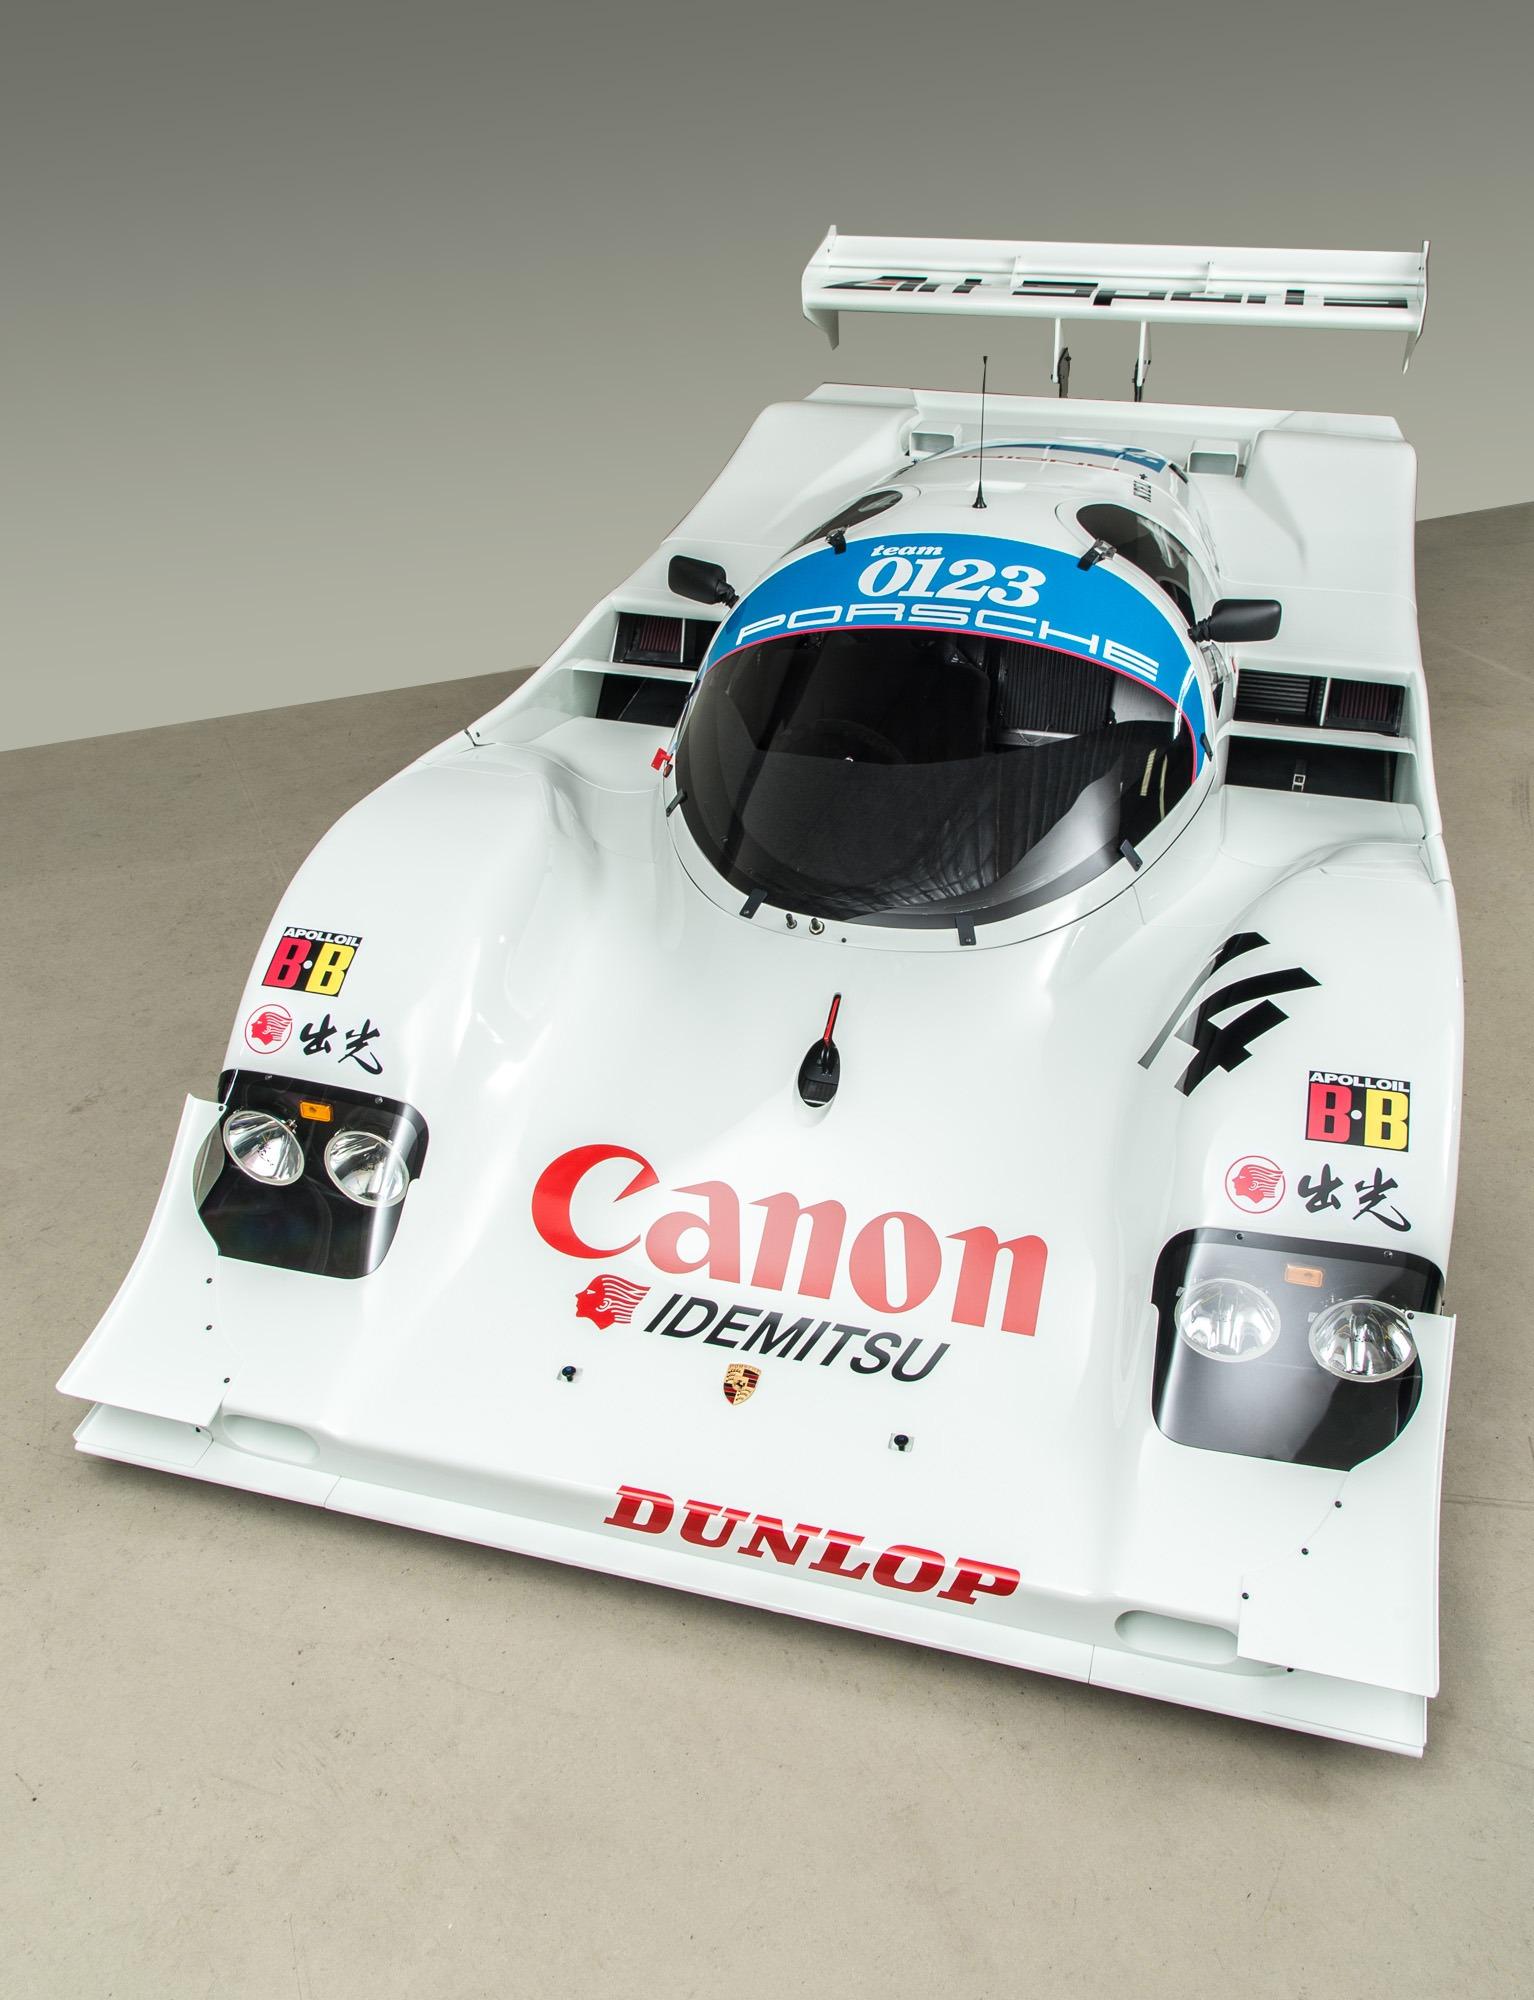 89 Porsche 962 05